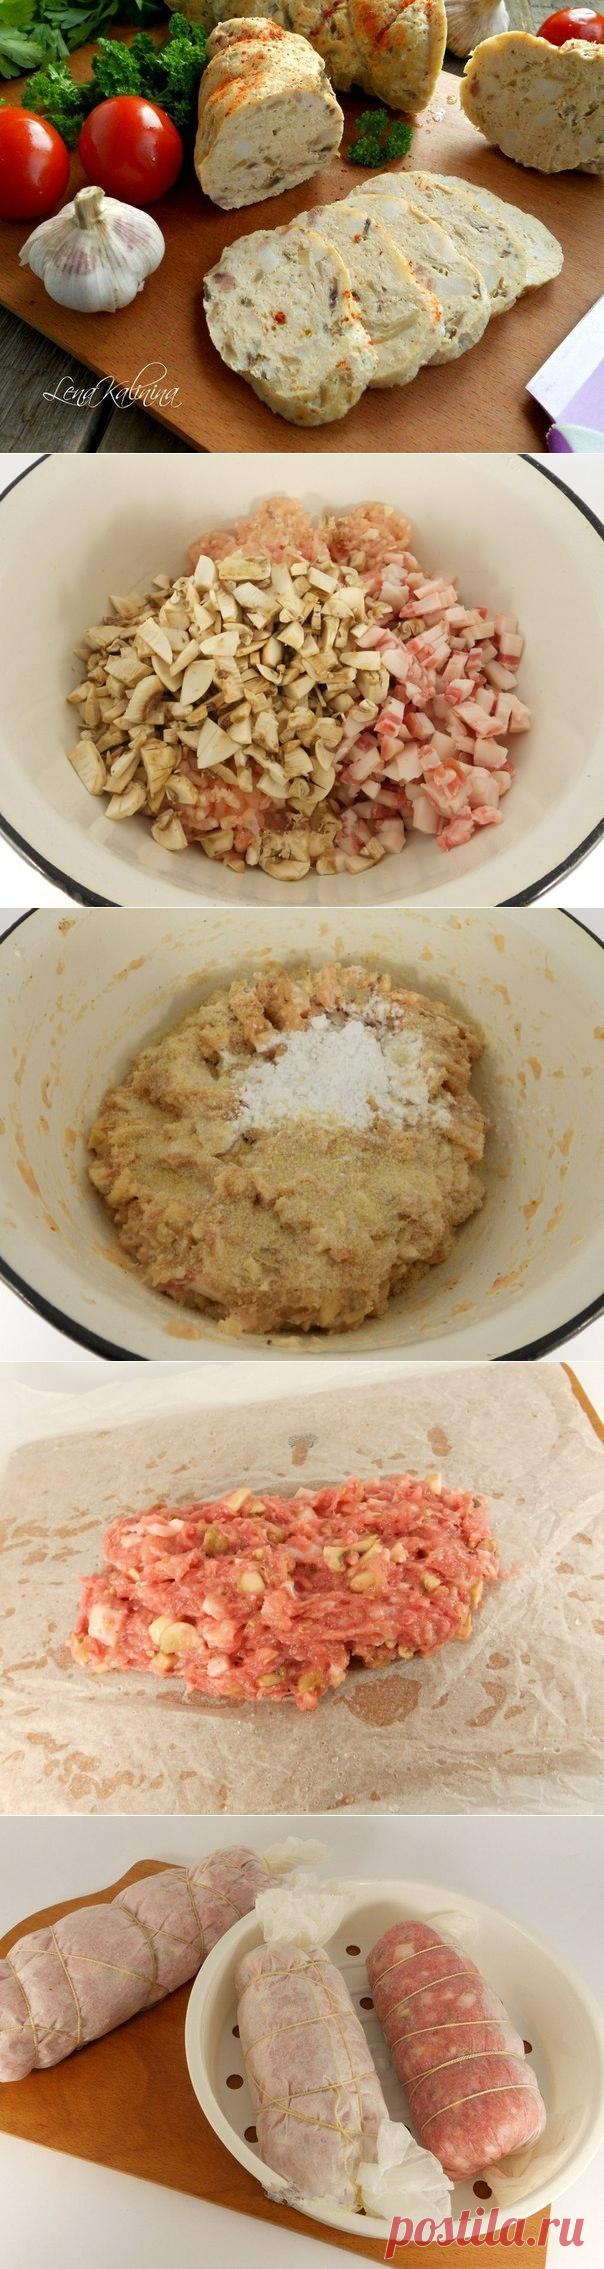 Как приготовить курицу колбасу в домашних условиях